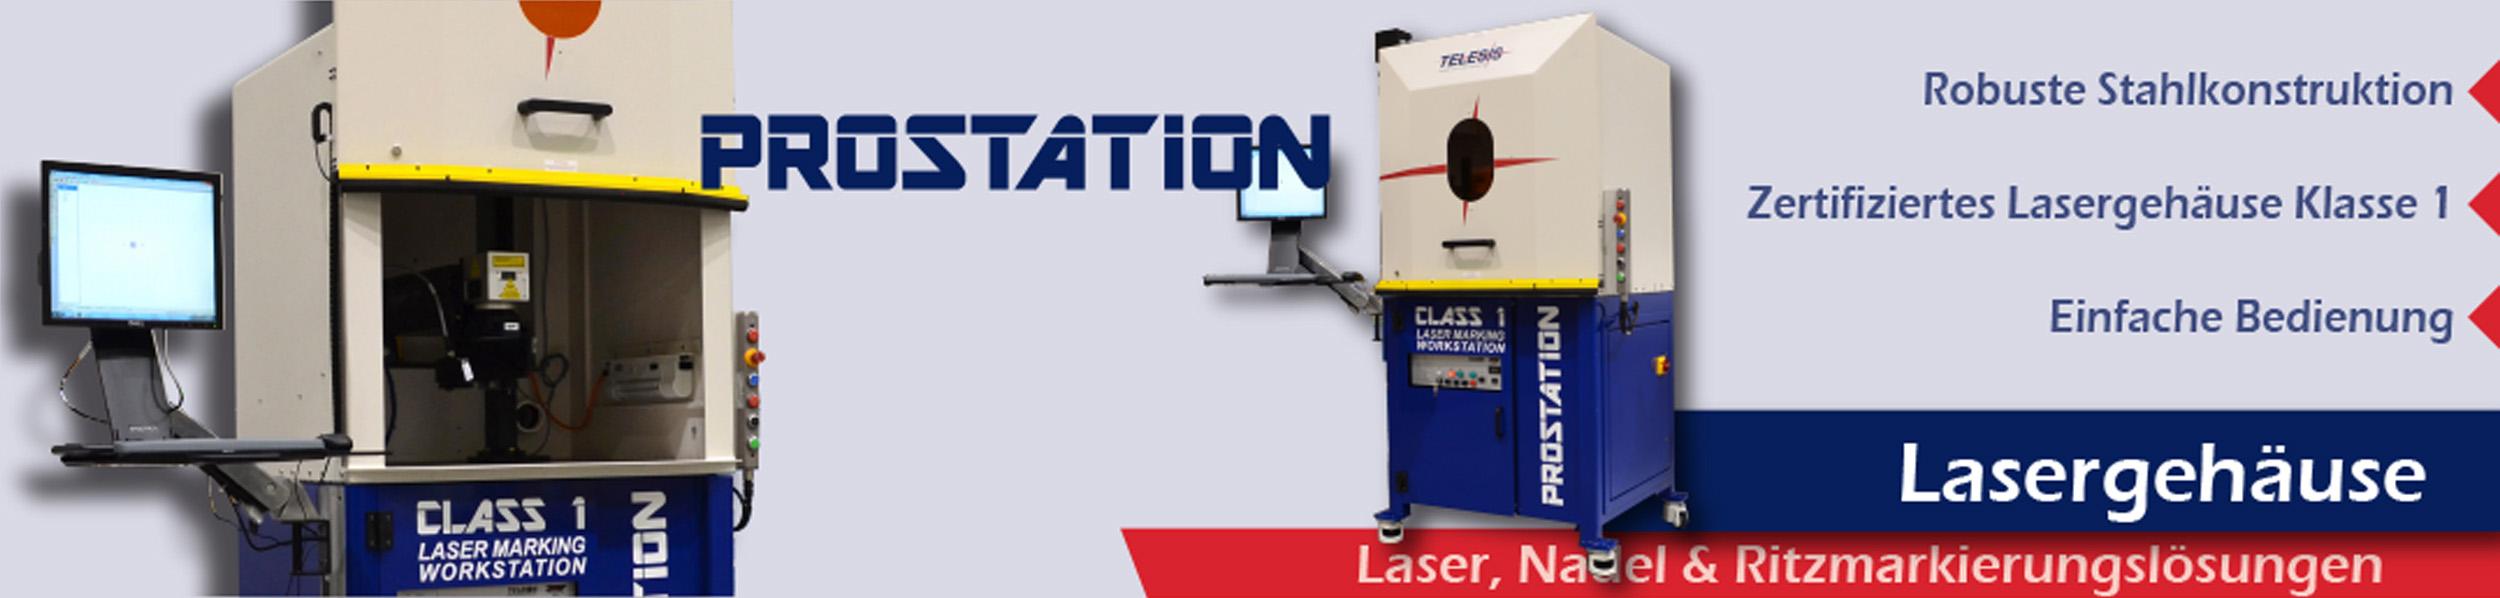 ProStation Laser Arbeitsplatz - Laserschutzklasse 1